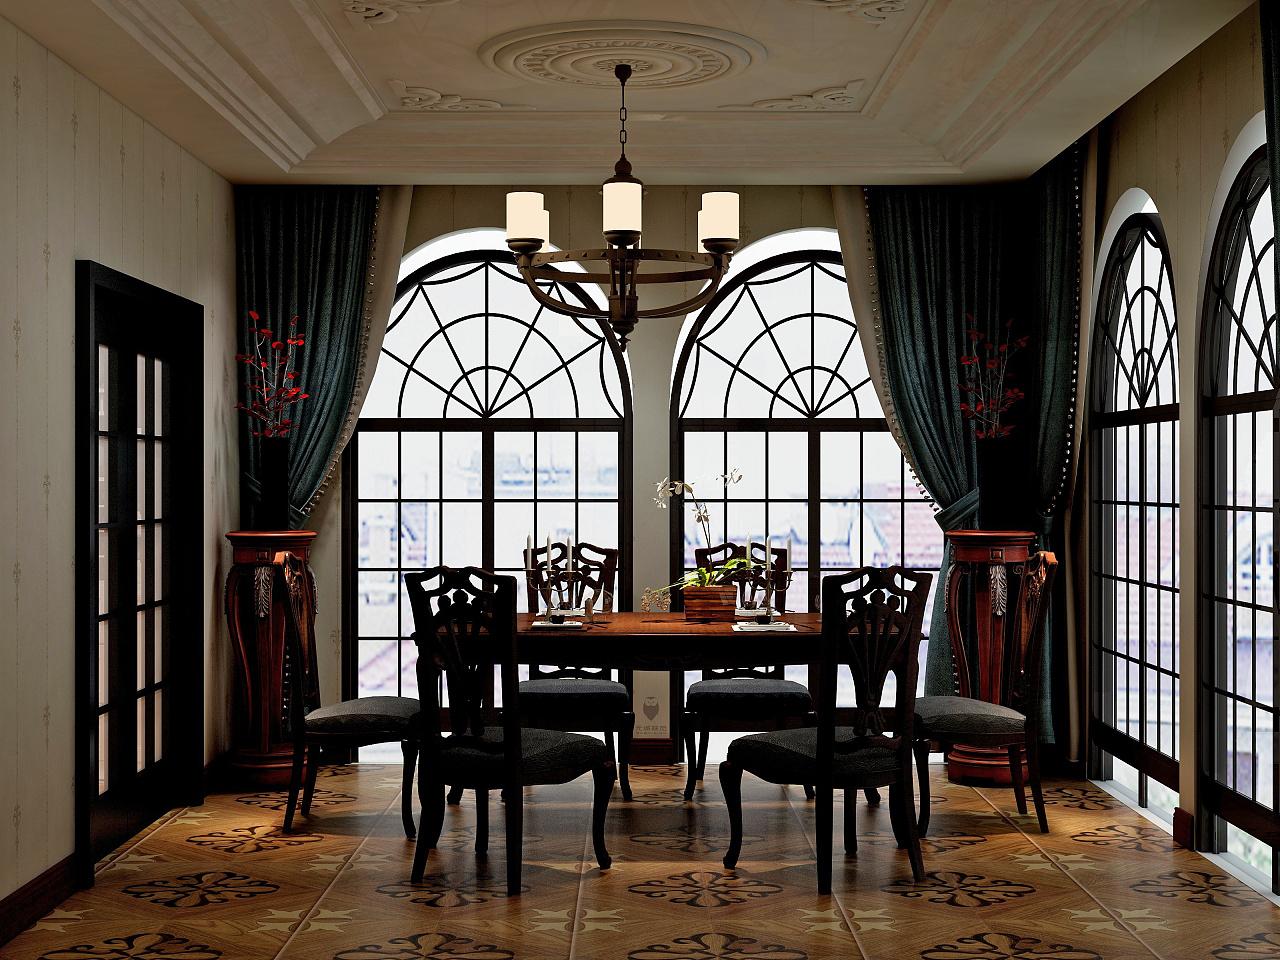 室内设计作品(一)——巴洛克风格生活空间